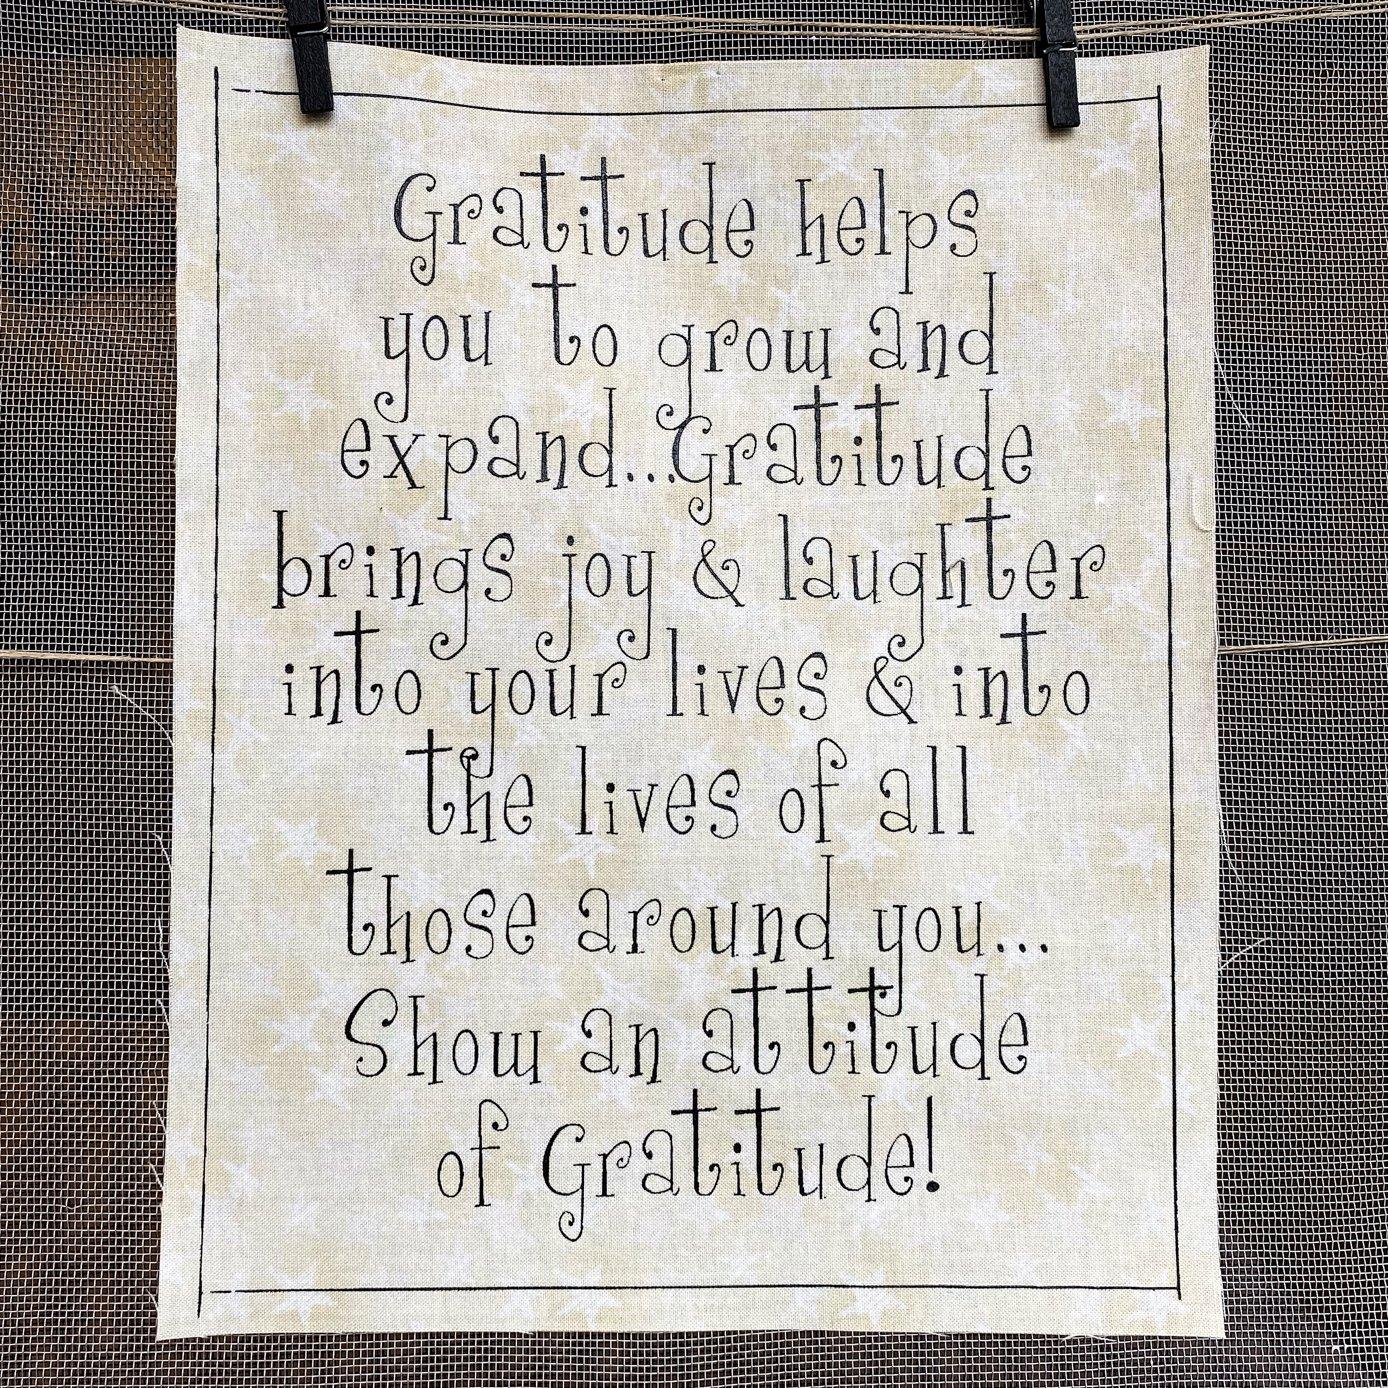 P-8: Gratitude helps you...